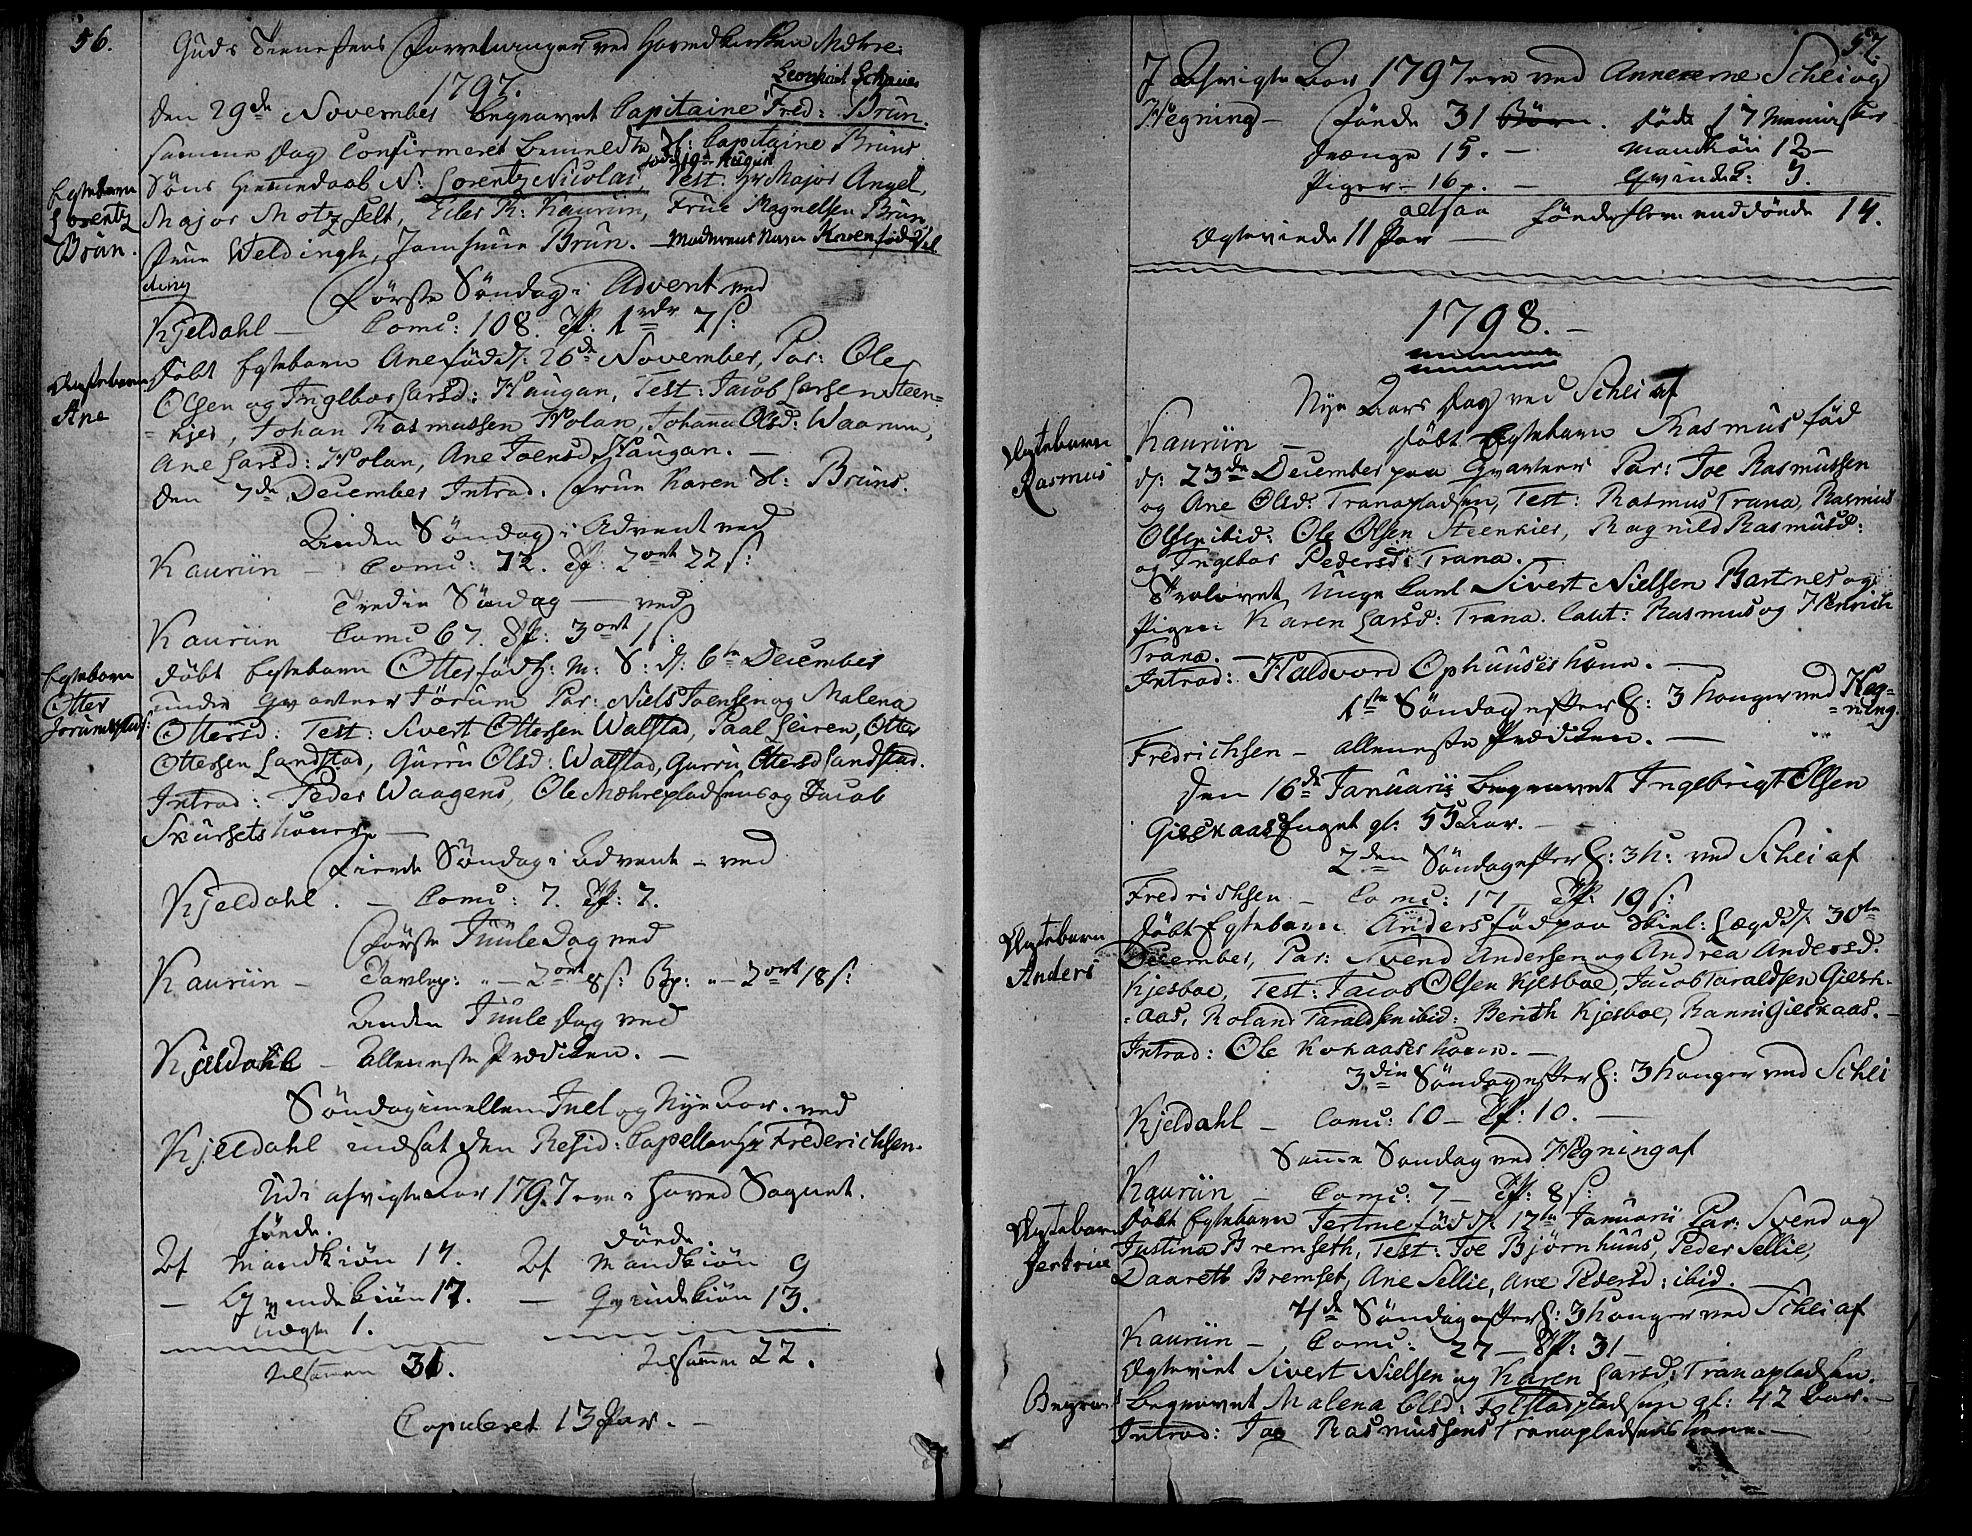 SAT, Ministerialprotokoller, klokkerbøker og fødselsregistre - Nord-Trøndelag, 735/L0332: Ministerialbok nr. 735A03, 1795-1816, s. 56-57